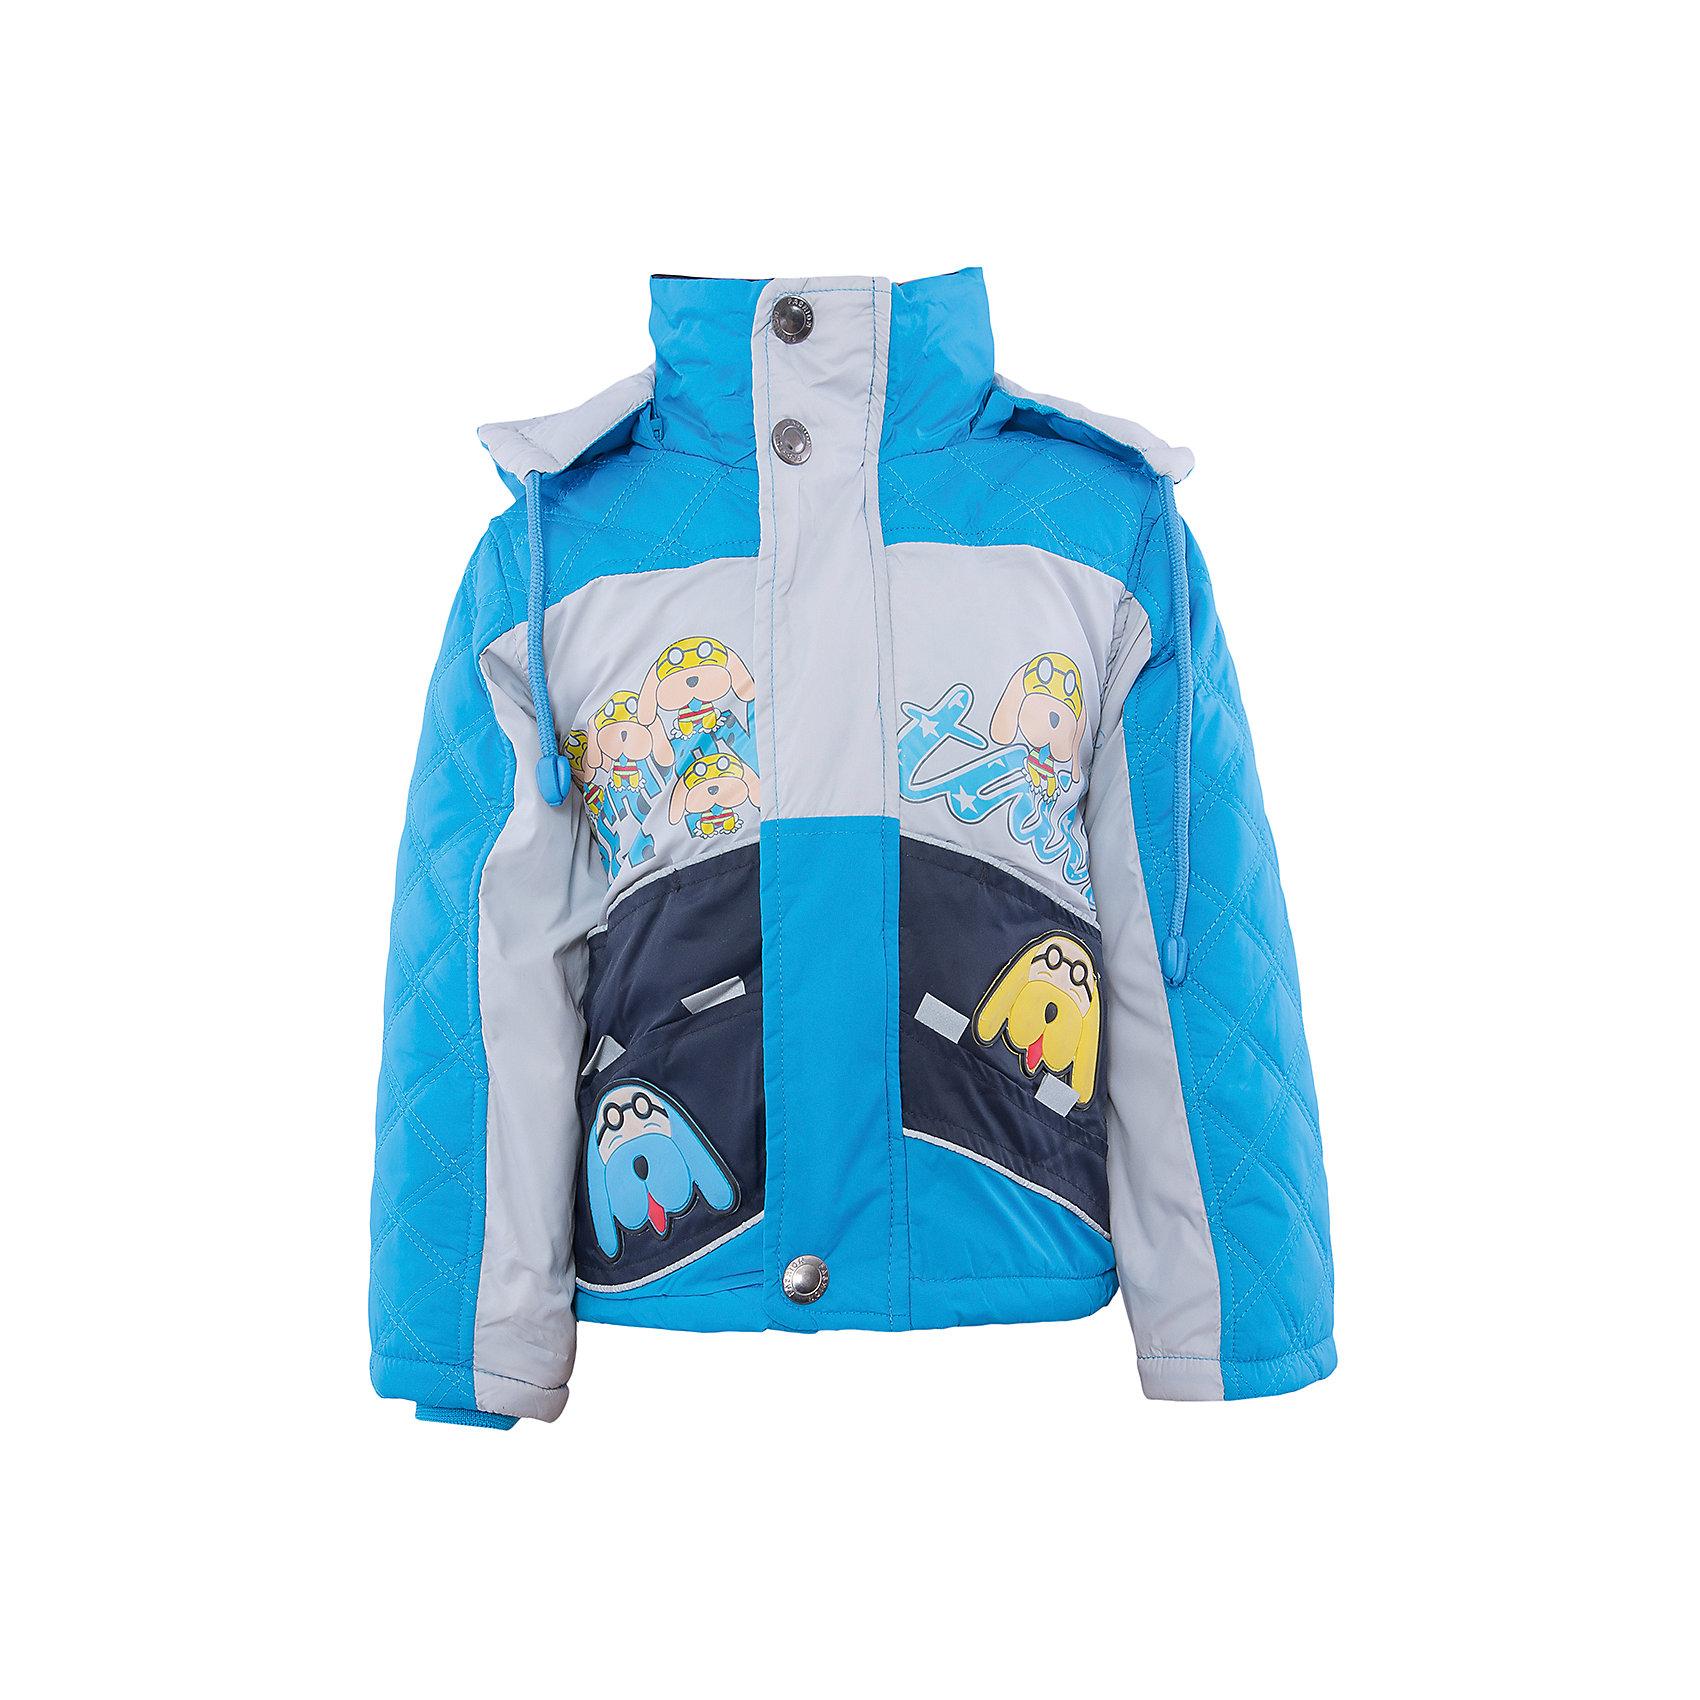 Куртка для мальчика DAUBERКуртка для мальчика DAUBER<br><br>Характеристики:<br><br>• Состав: 100%полиэстер.<br>• Цвет: голубой, синий.<br>• Материал: текстиль.<br>• Застежка-молния.<br>• Температурный режим до -5 . *<br><br>* Температурный режим указан приблизительно — необходимо, прежде всего, ориентироваться на ощущения ребенка. <br><br>Куртка для мальчика DAUBER от российского бренда DAUBER.<br>Яркая куртка голубого цвета с синими вставками выполнена из синтетического материала. Застегивается куртка на молнию, также имеется дополнительный клапан с кнопками. Капюшон, затягивающийся на шнурок, надежно защитит Вашего малыша от ветра и непогоды. Оригинальный забавный принт – собачки ,не оставит равнодушным вашего малыша. <br><br>Куртку для мальчика DAUBER, можно купить в нашем интернет - магазине.<br><br>Ширина мм: 356<br>Глубина мм: 10<br>Высота мм: 245<br>Вес г: 519<br>Цвет: голубой/синий<br>Возраст от месяцев: 18<br>Возраст до месяцев: 24<br>Пол: Мужской<br>Возраст: Детский<br>Размер: 92,116,110,104,98<br>SKU: 4987504